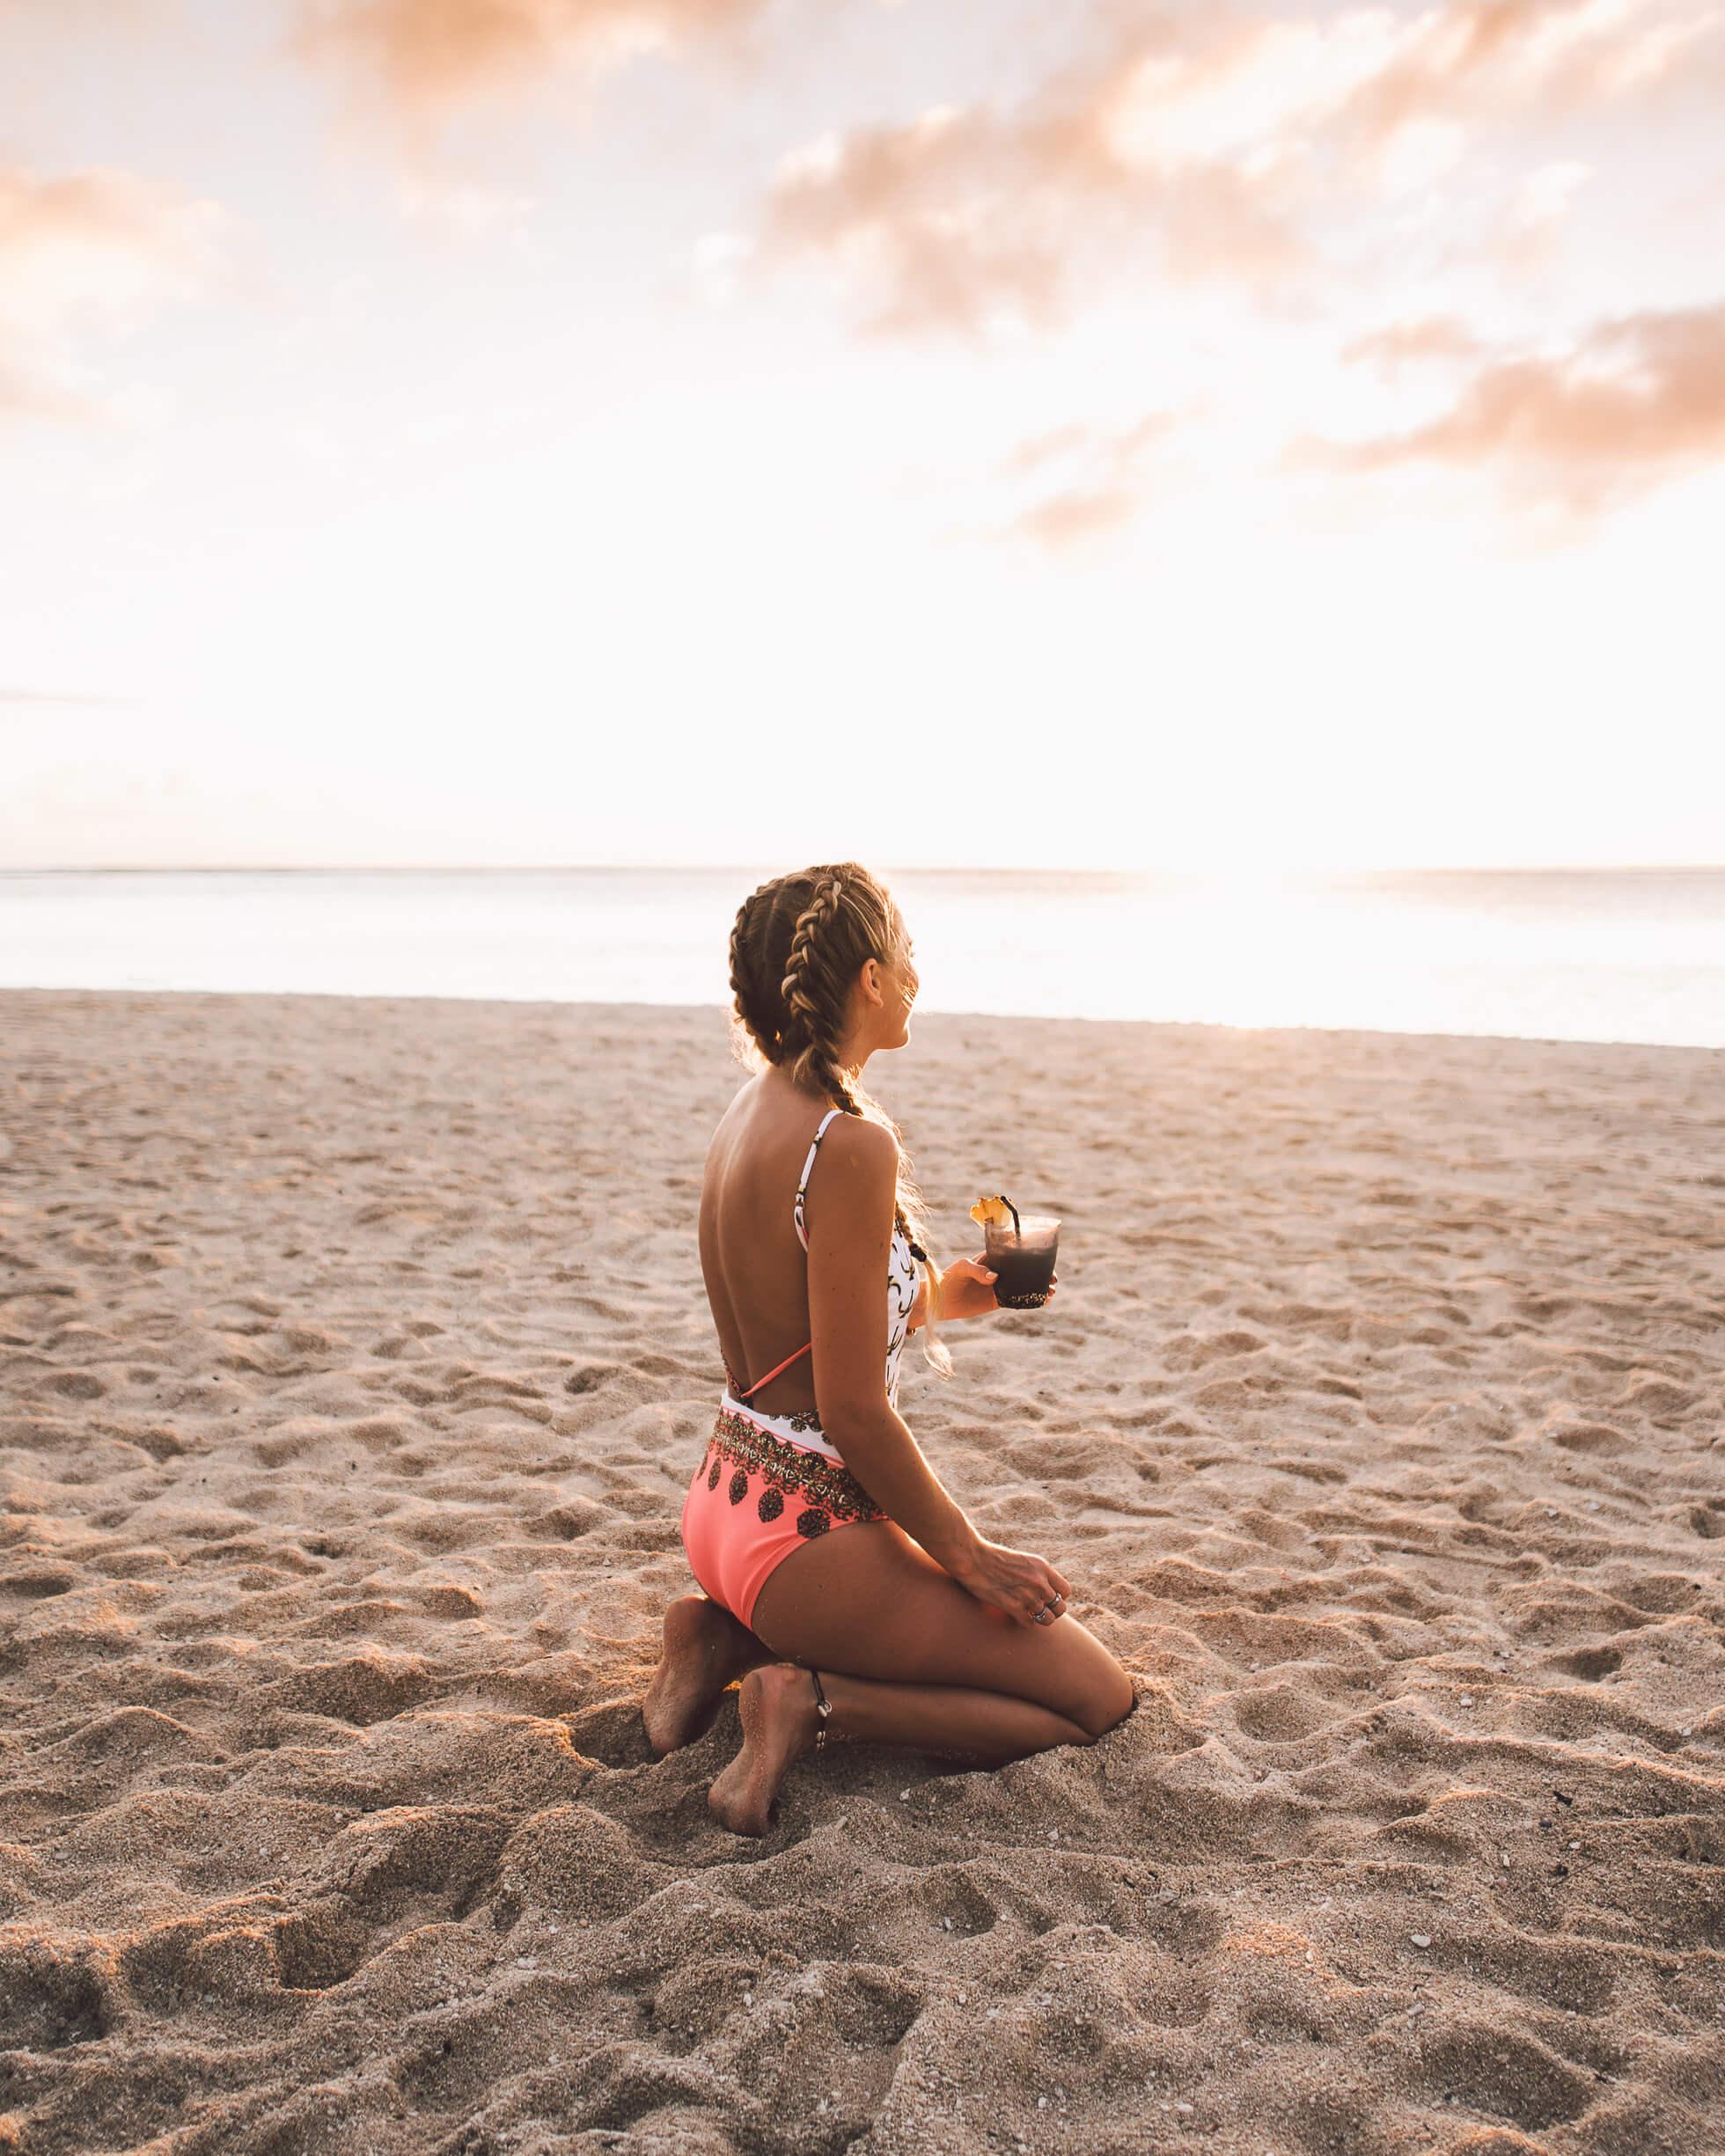 janni-deler-sunset-mauritiusDSC_4724